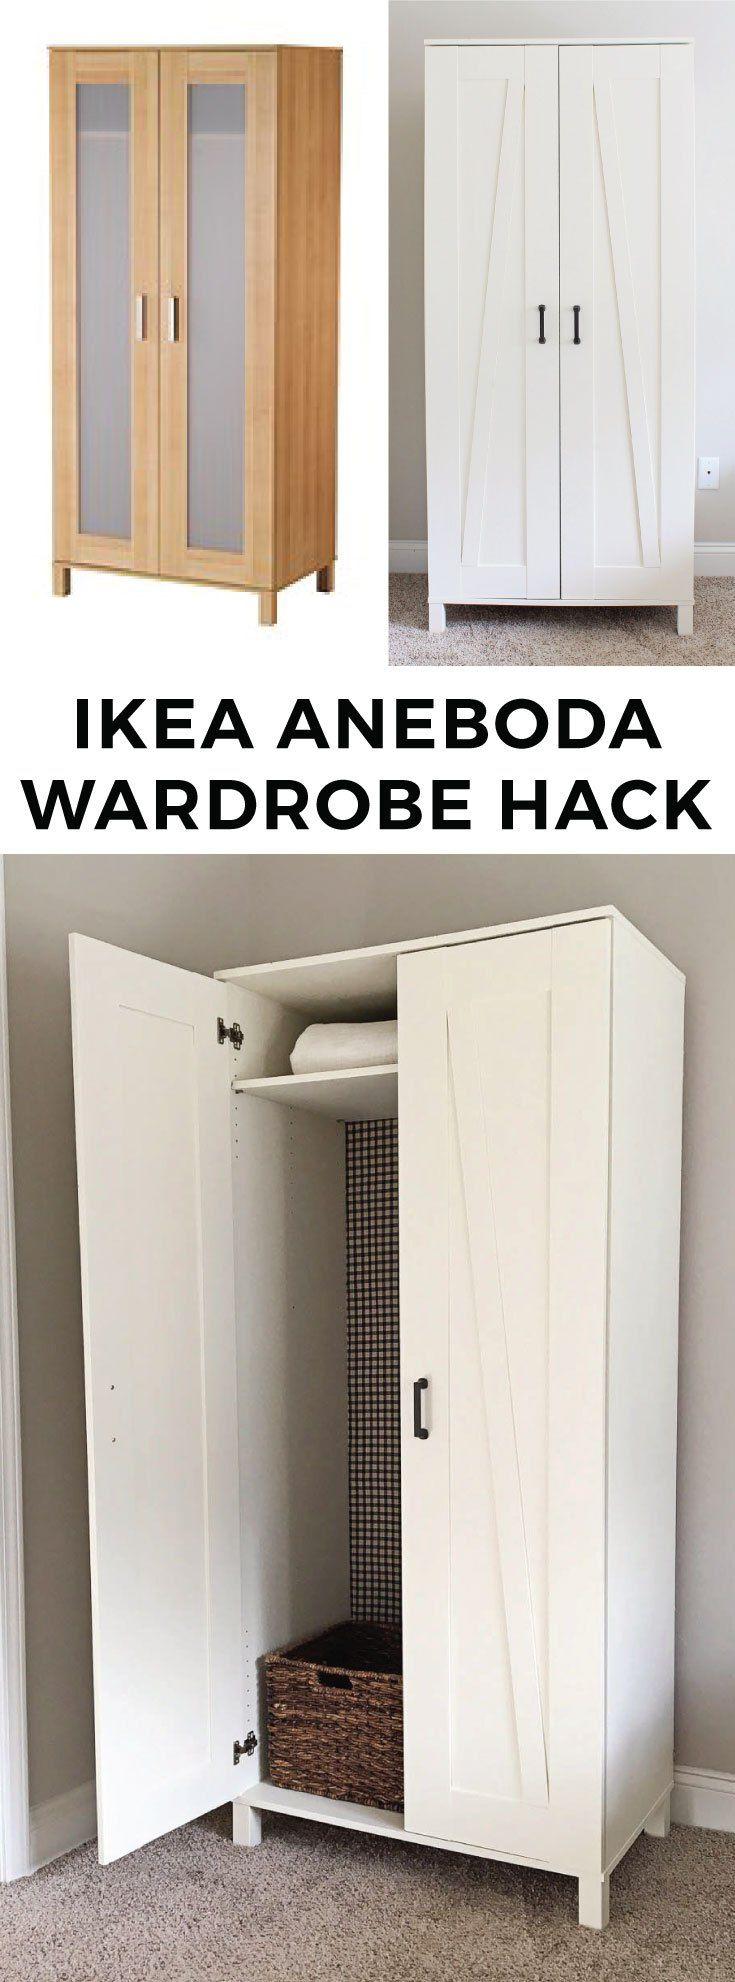 Ikea Hack Aneboda Wardrobe Diy Kinderkamer Ikea